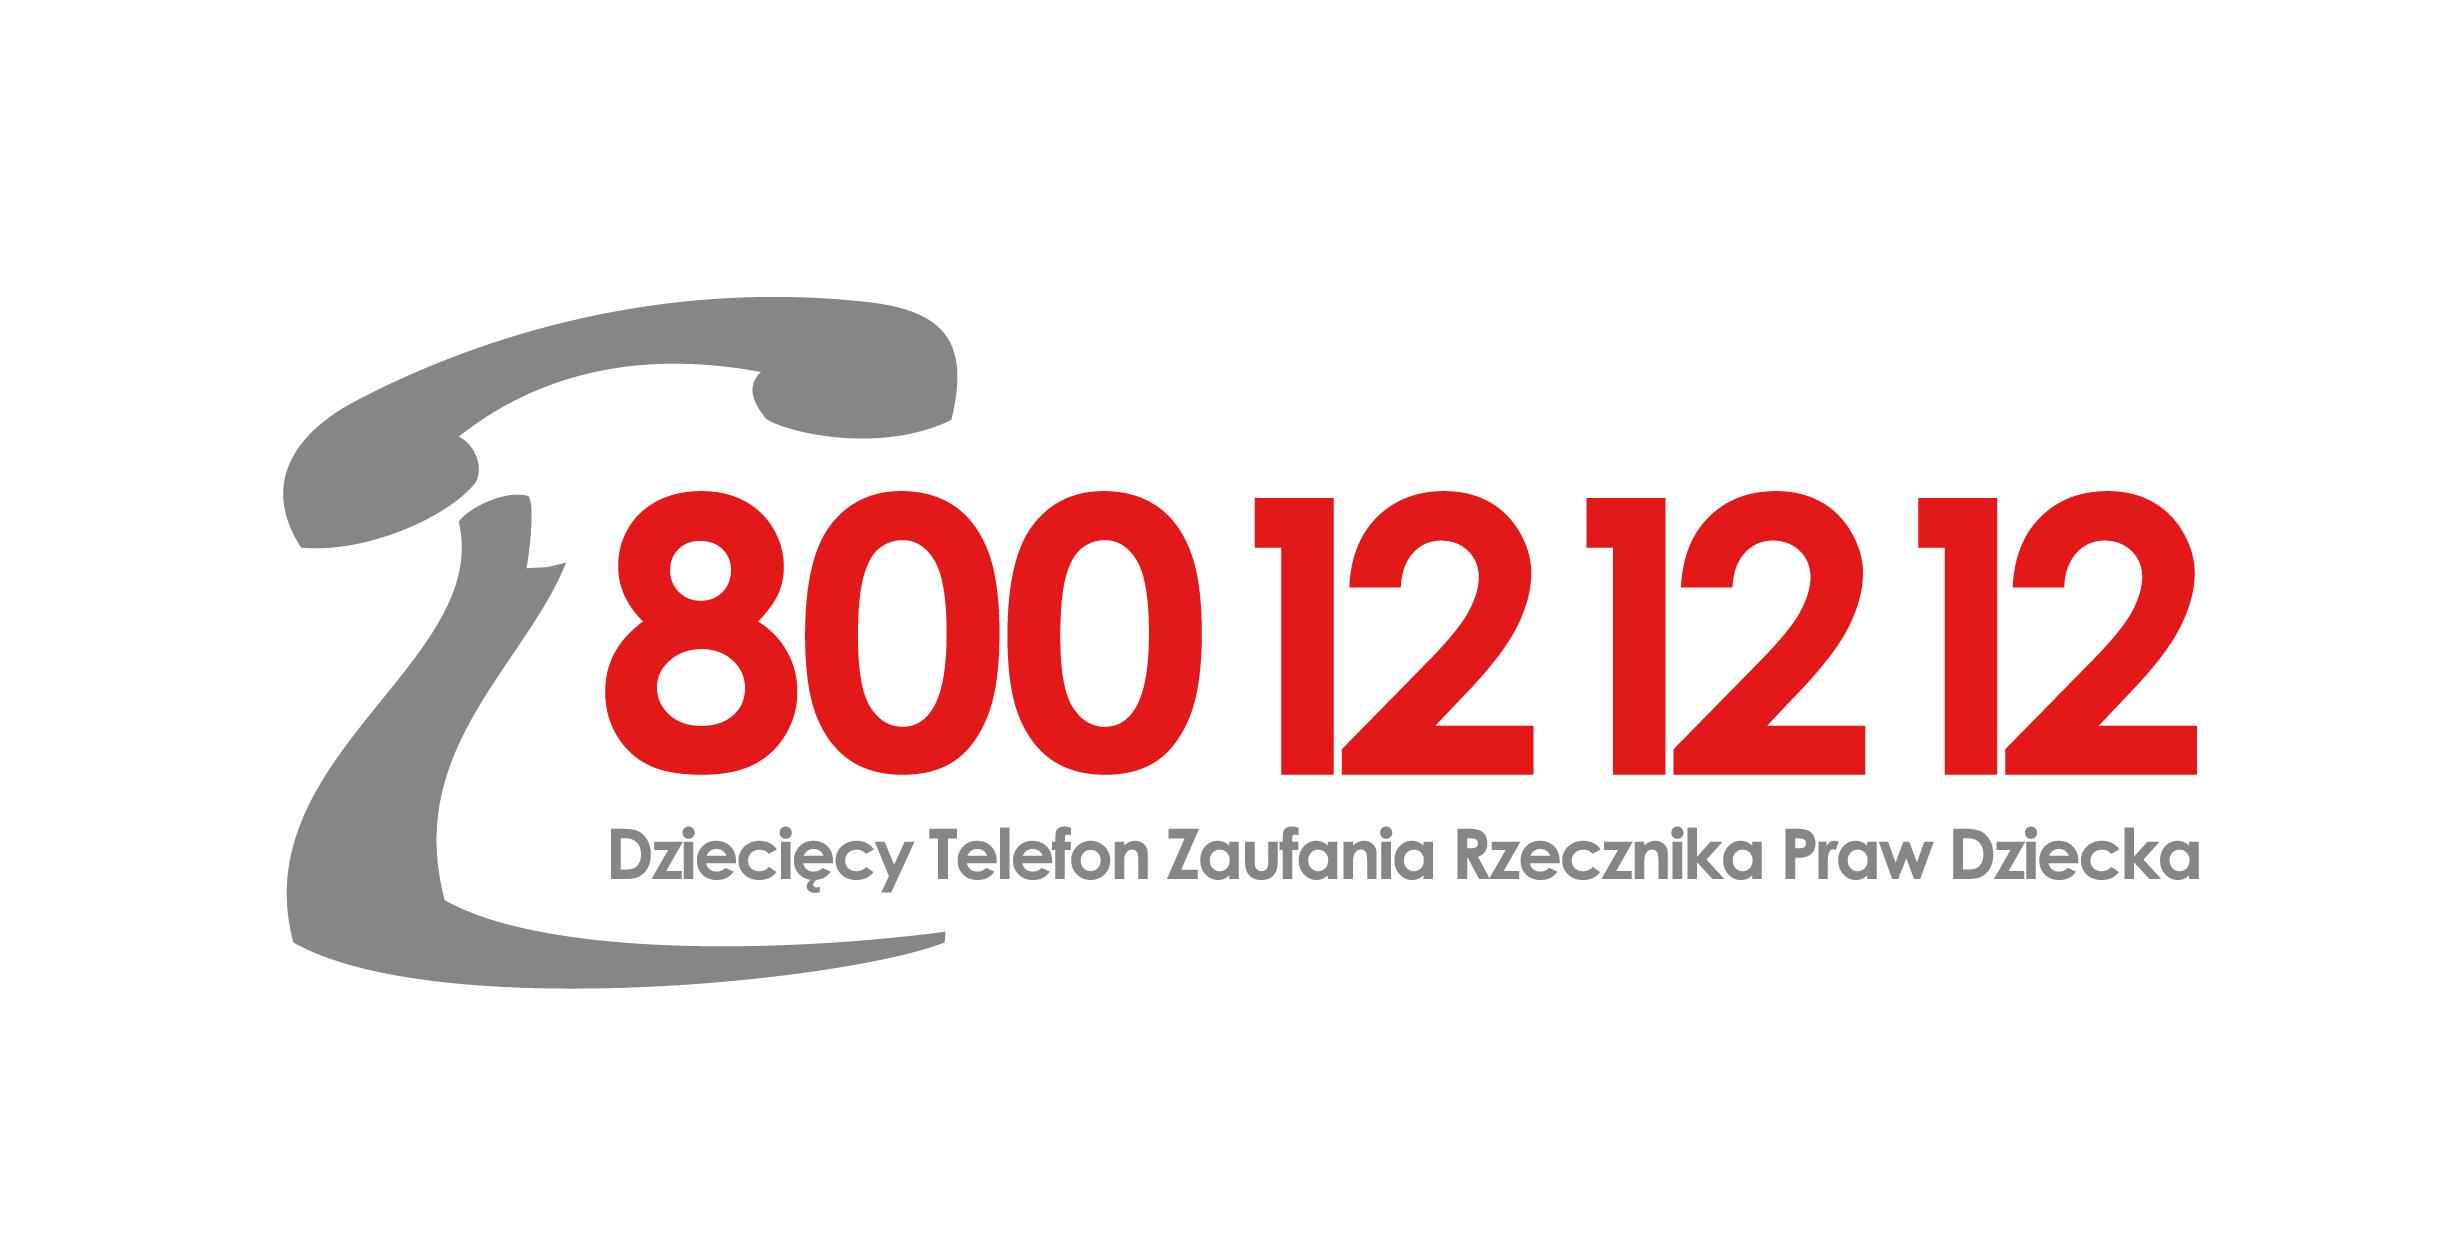 Logo: Telefon Zaufania Rzecznika Praw    Dziecka